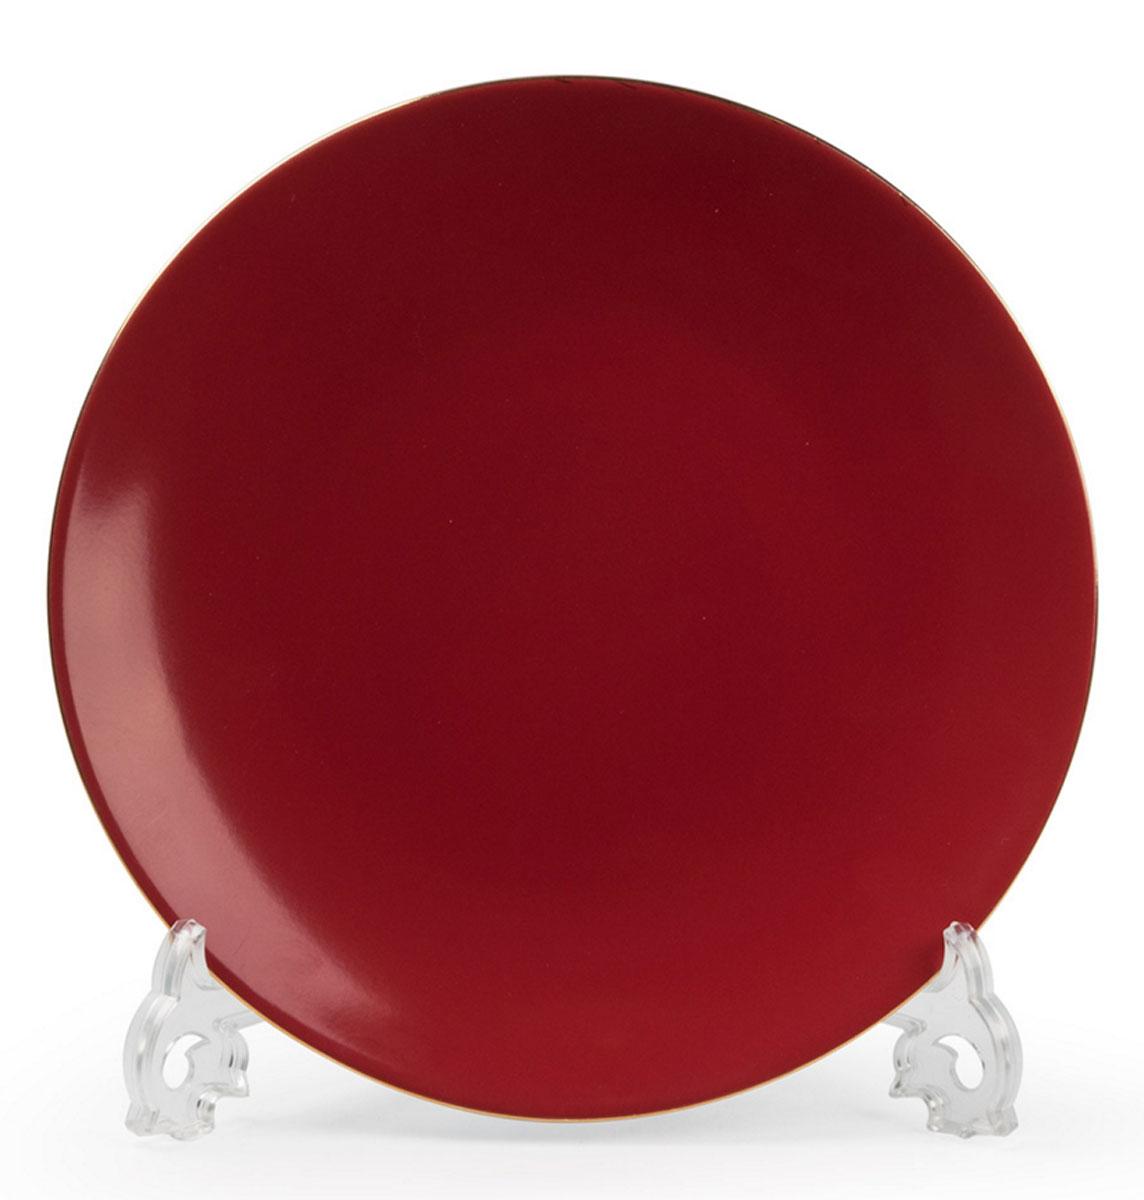 Monalisa 3125 набор тарелок 27 см*6 шт, цвет: красный с золотом7 290 063 125В наборе тарелка 27 см 6 штук